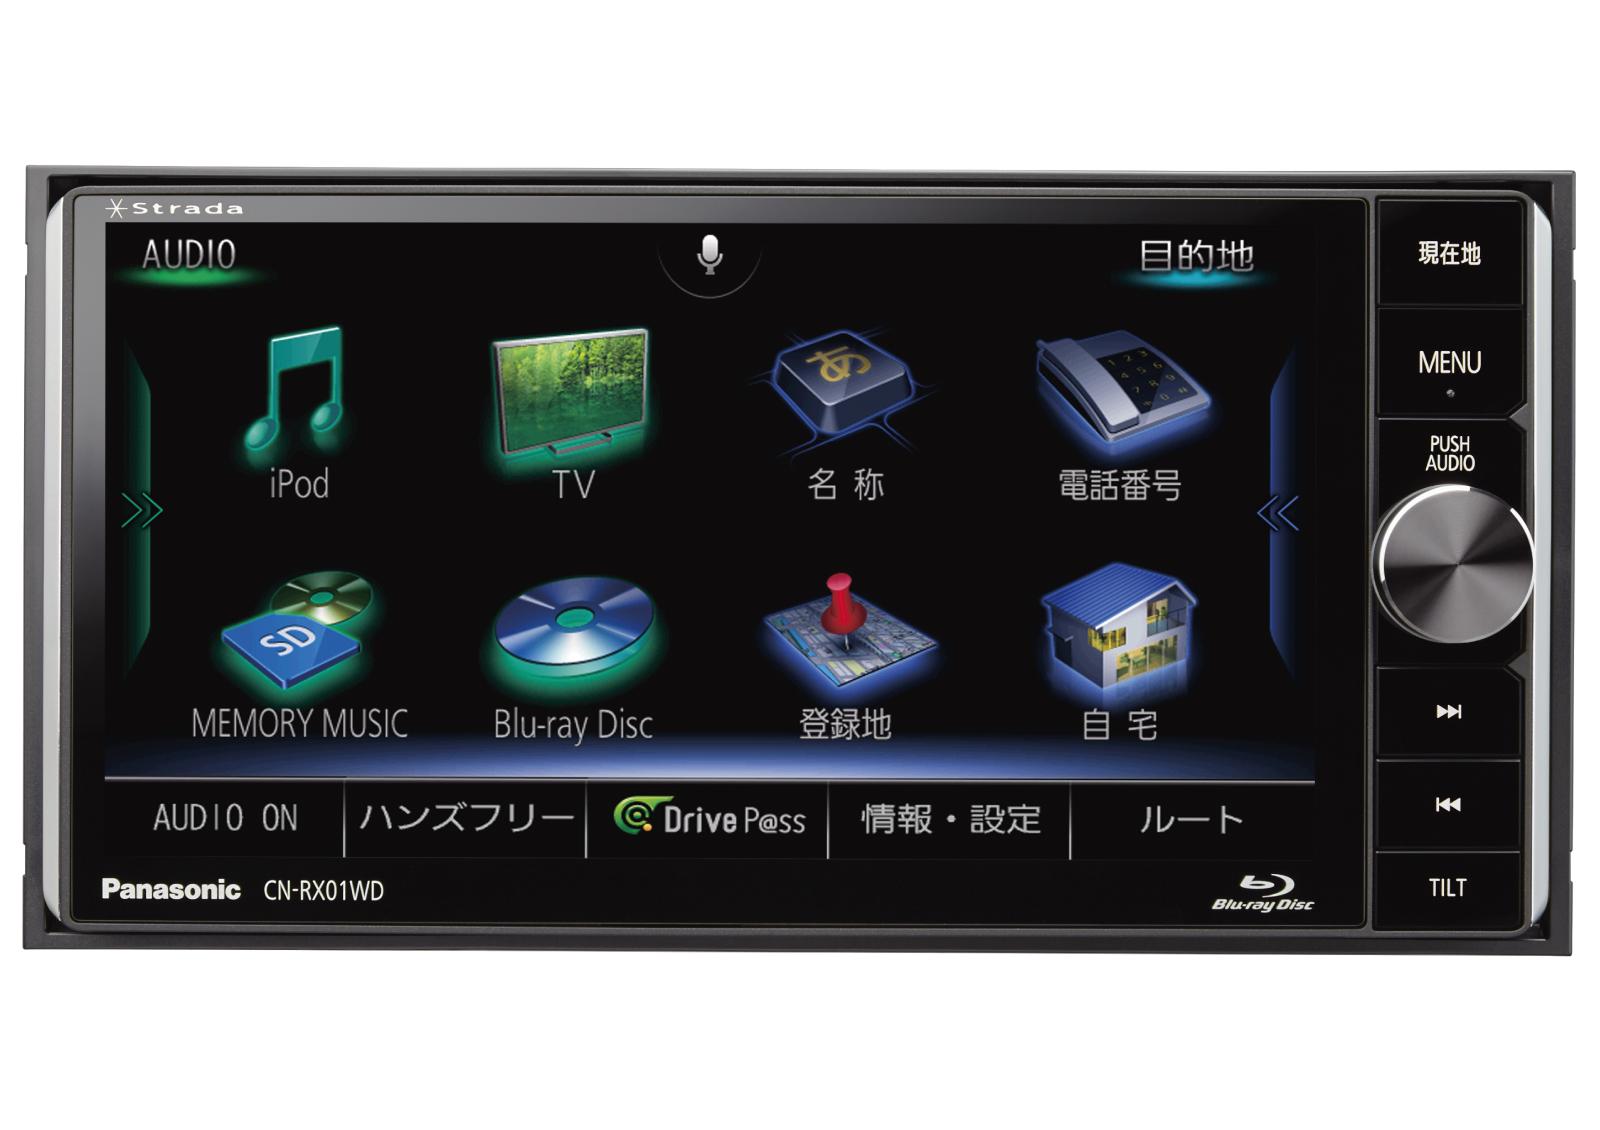 ストラーダ 美優Navi CN-RX01WD